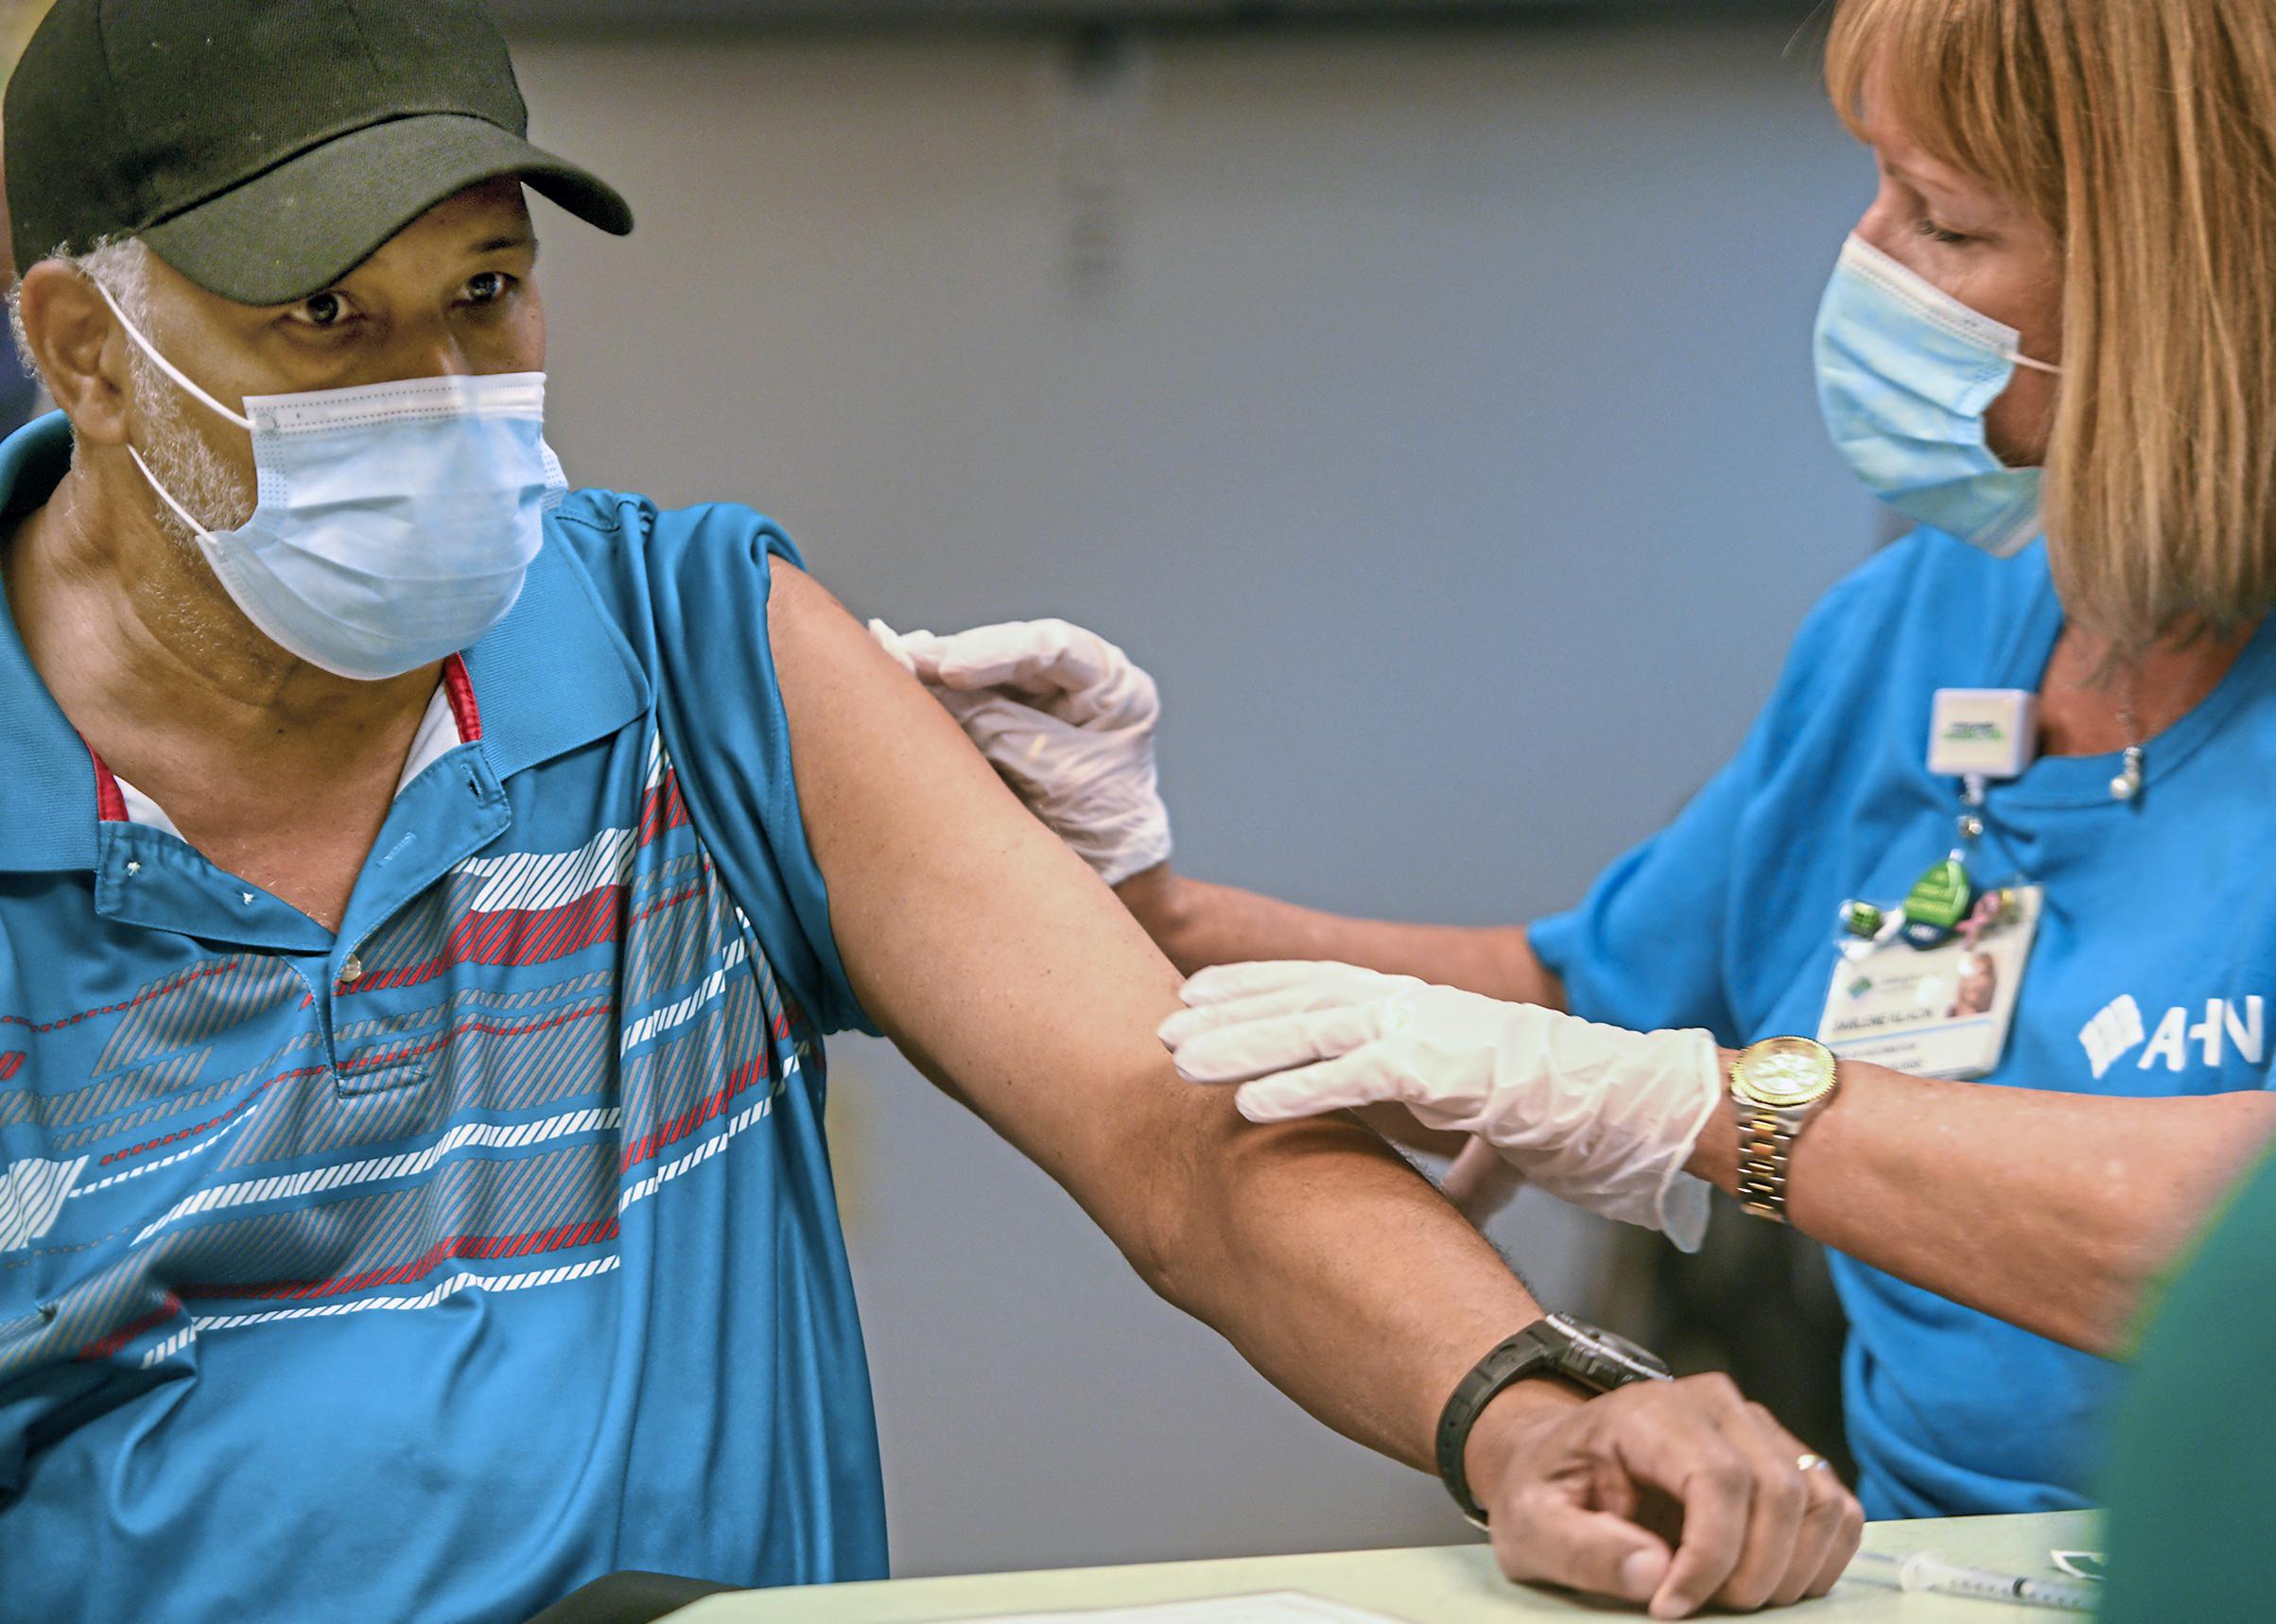 米国でワクチン「ブースター接種」開始へ 高齢者など対象